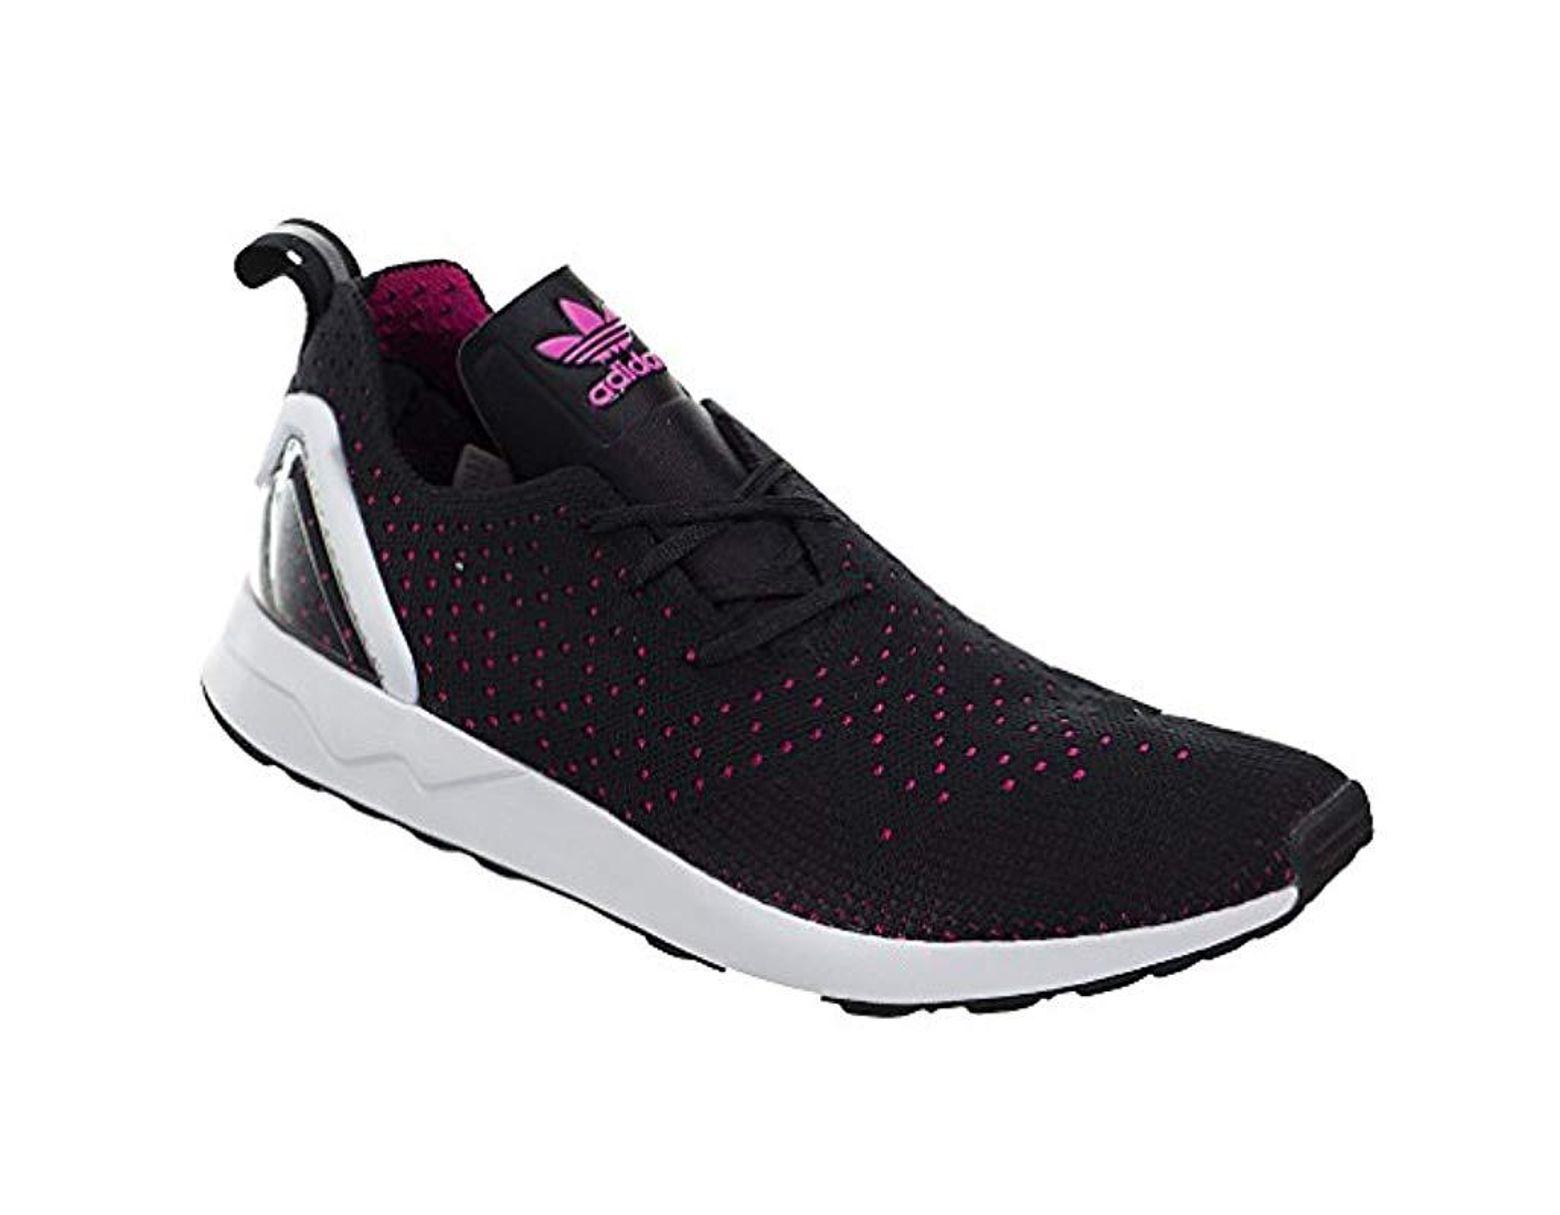 détaillant en ligne 399e4 a687c adidas Chaussure Originals Zx Flux Adv Asym Pk Noir S79063 ...